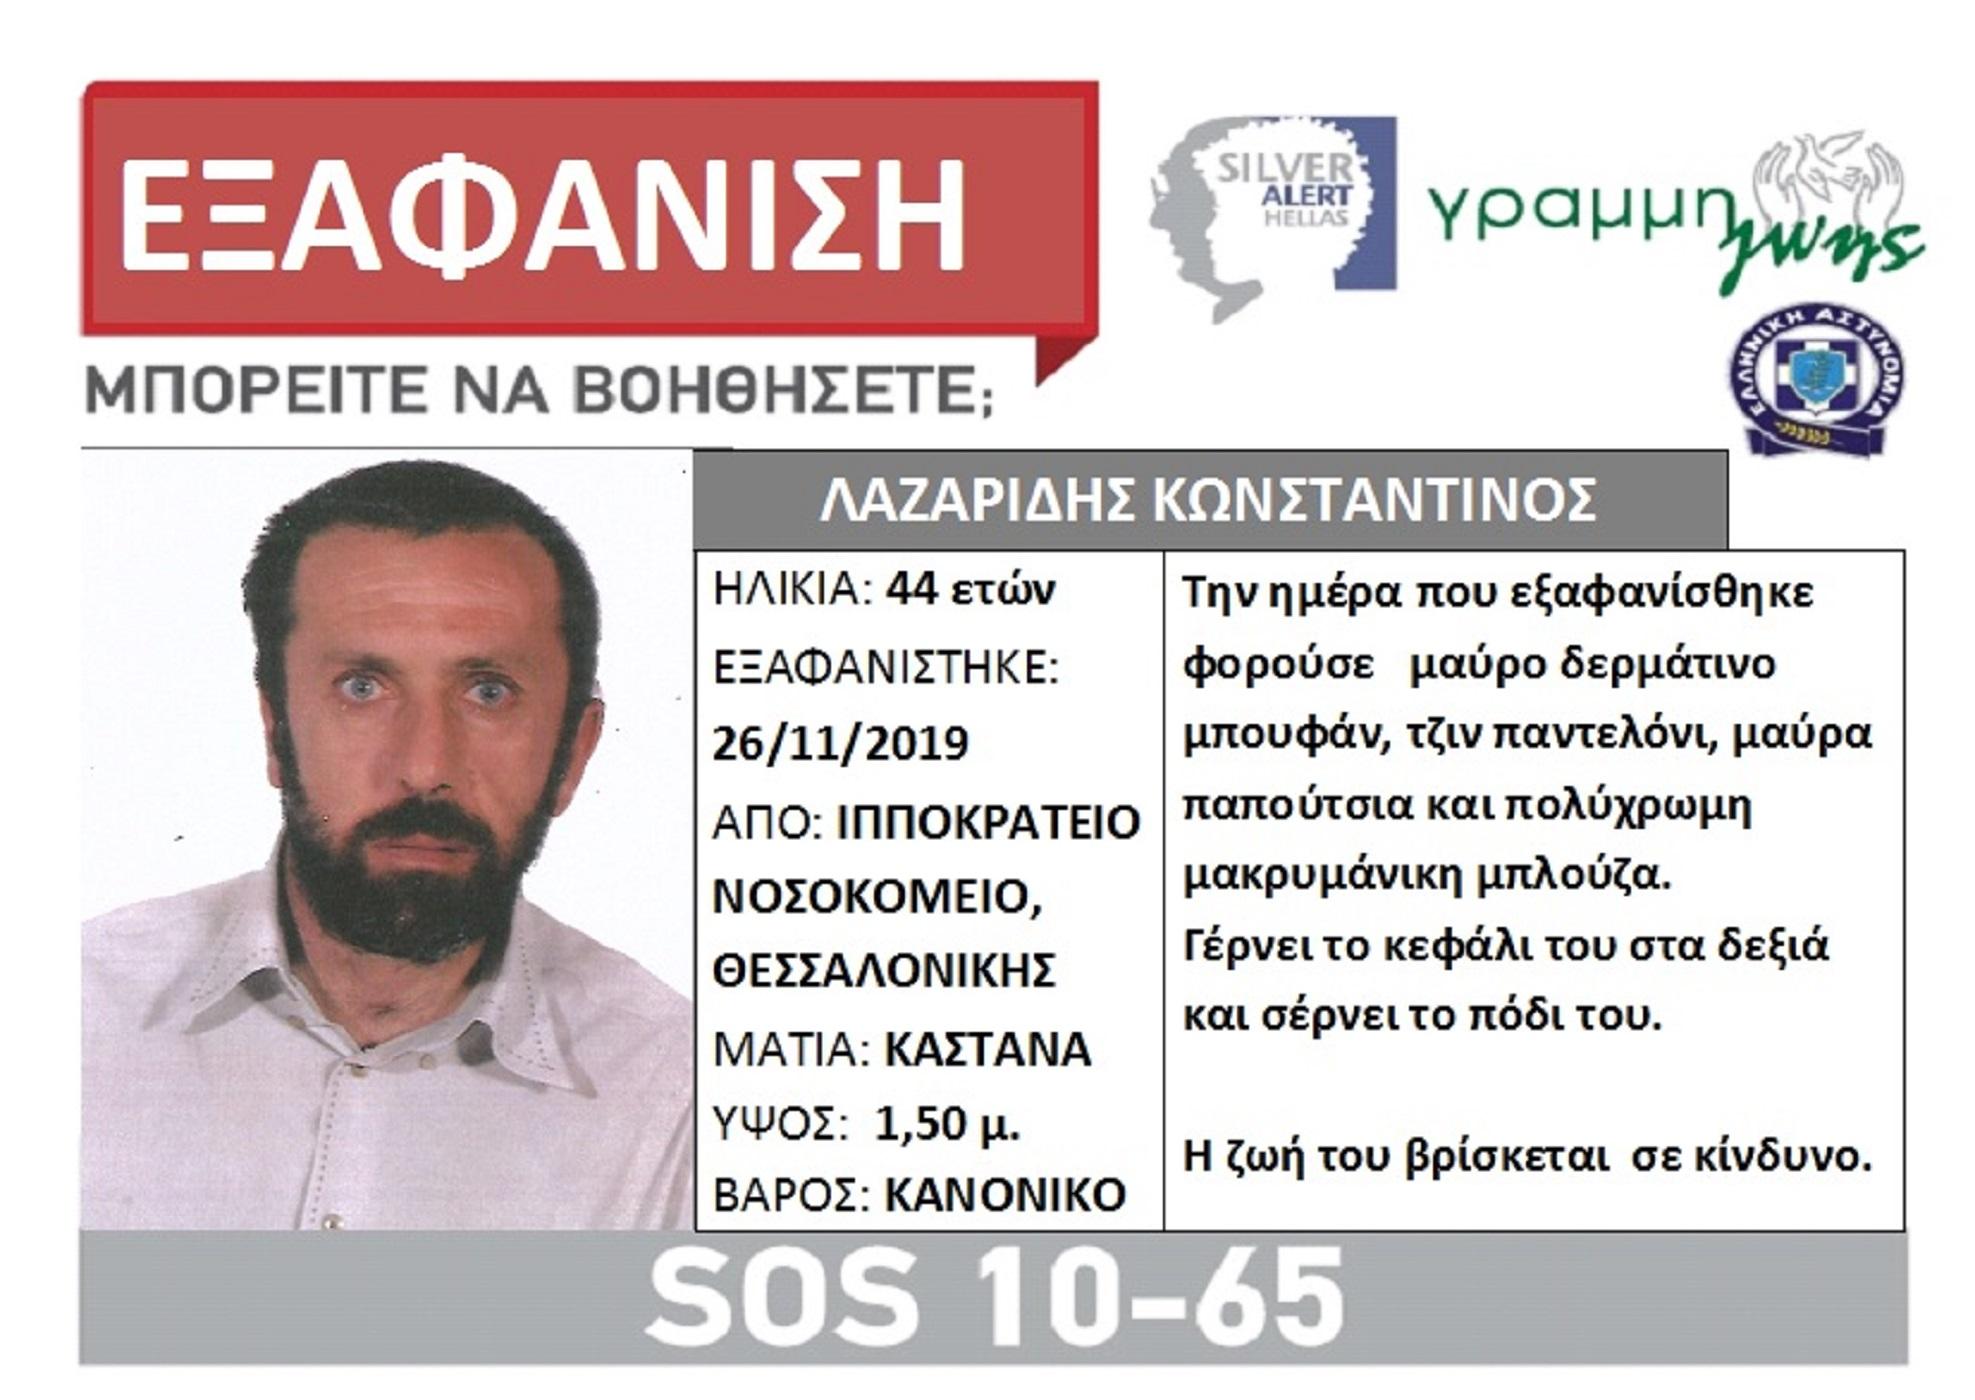 Συναγερμός στη Θεσσαλονίκη για την εξαφάνιση του 44χρονου Κωνσταντίνου Λαζαρίδη